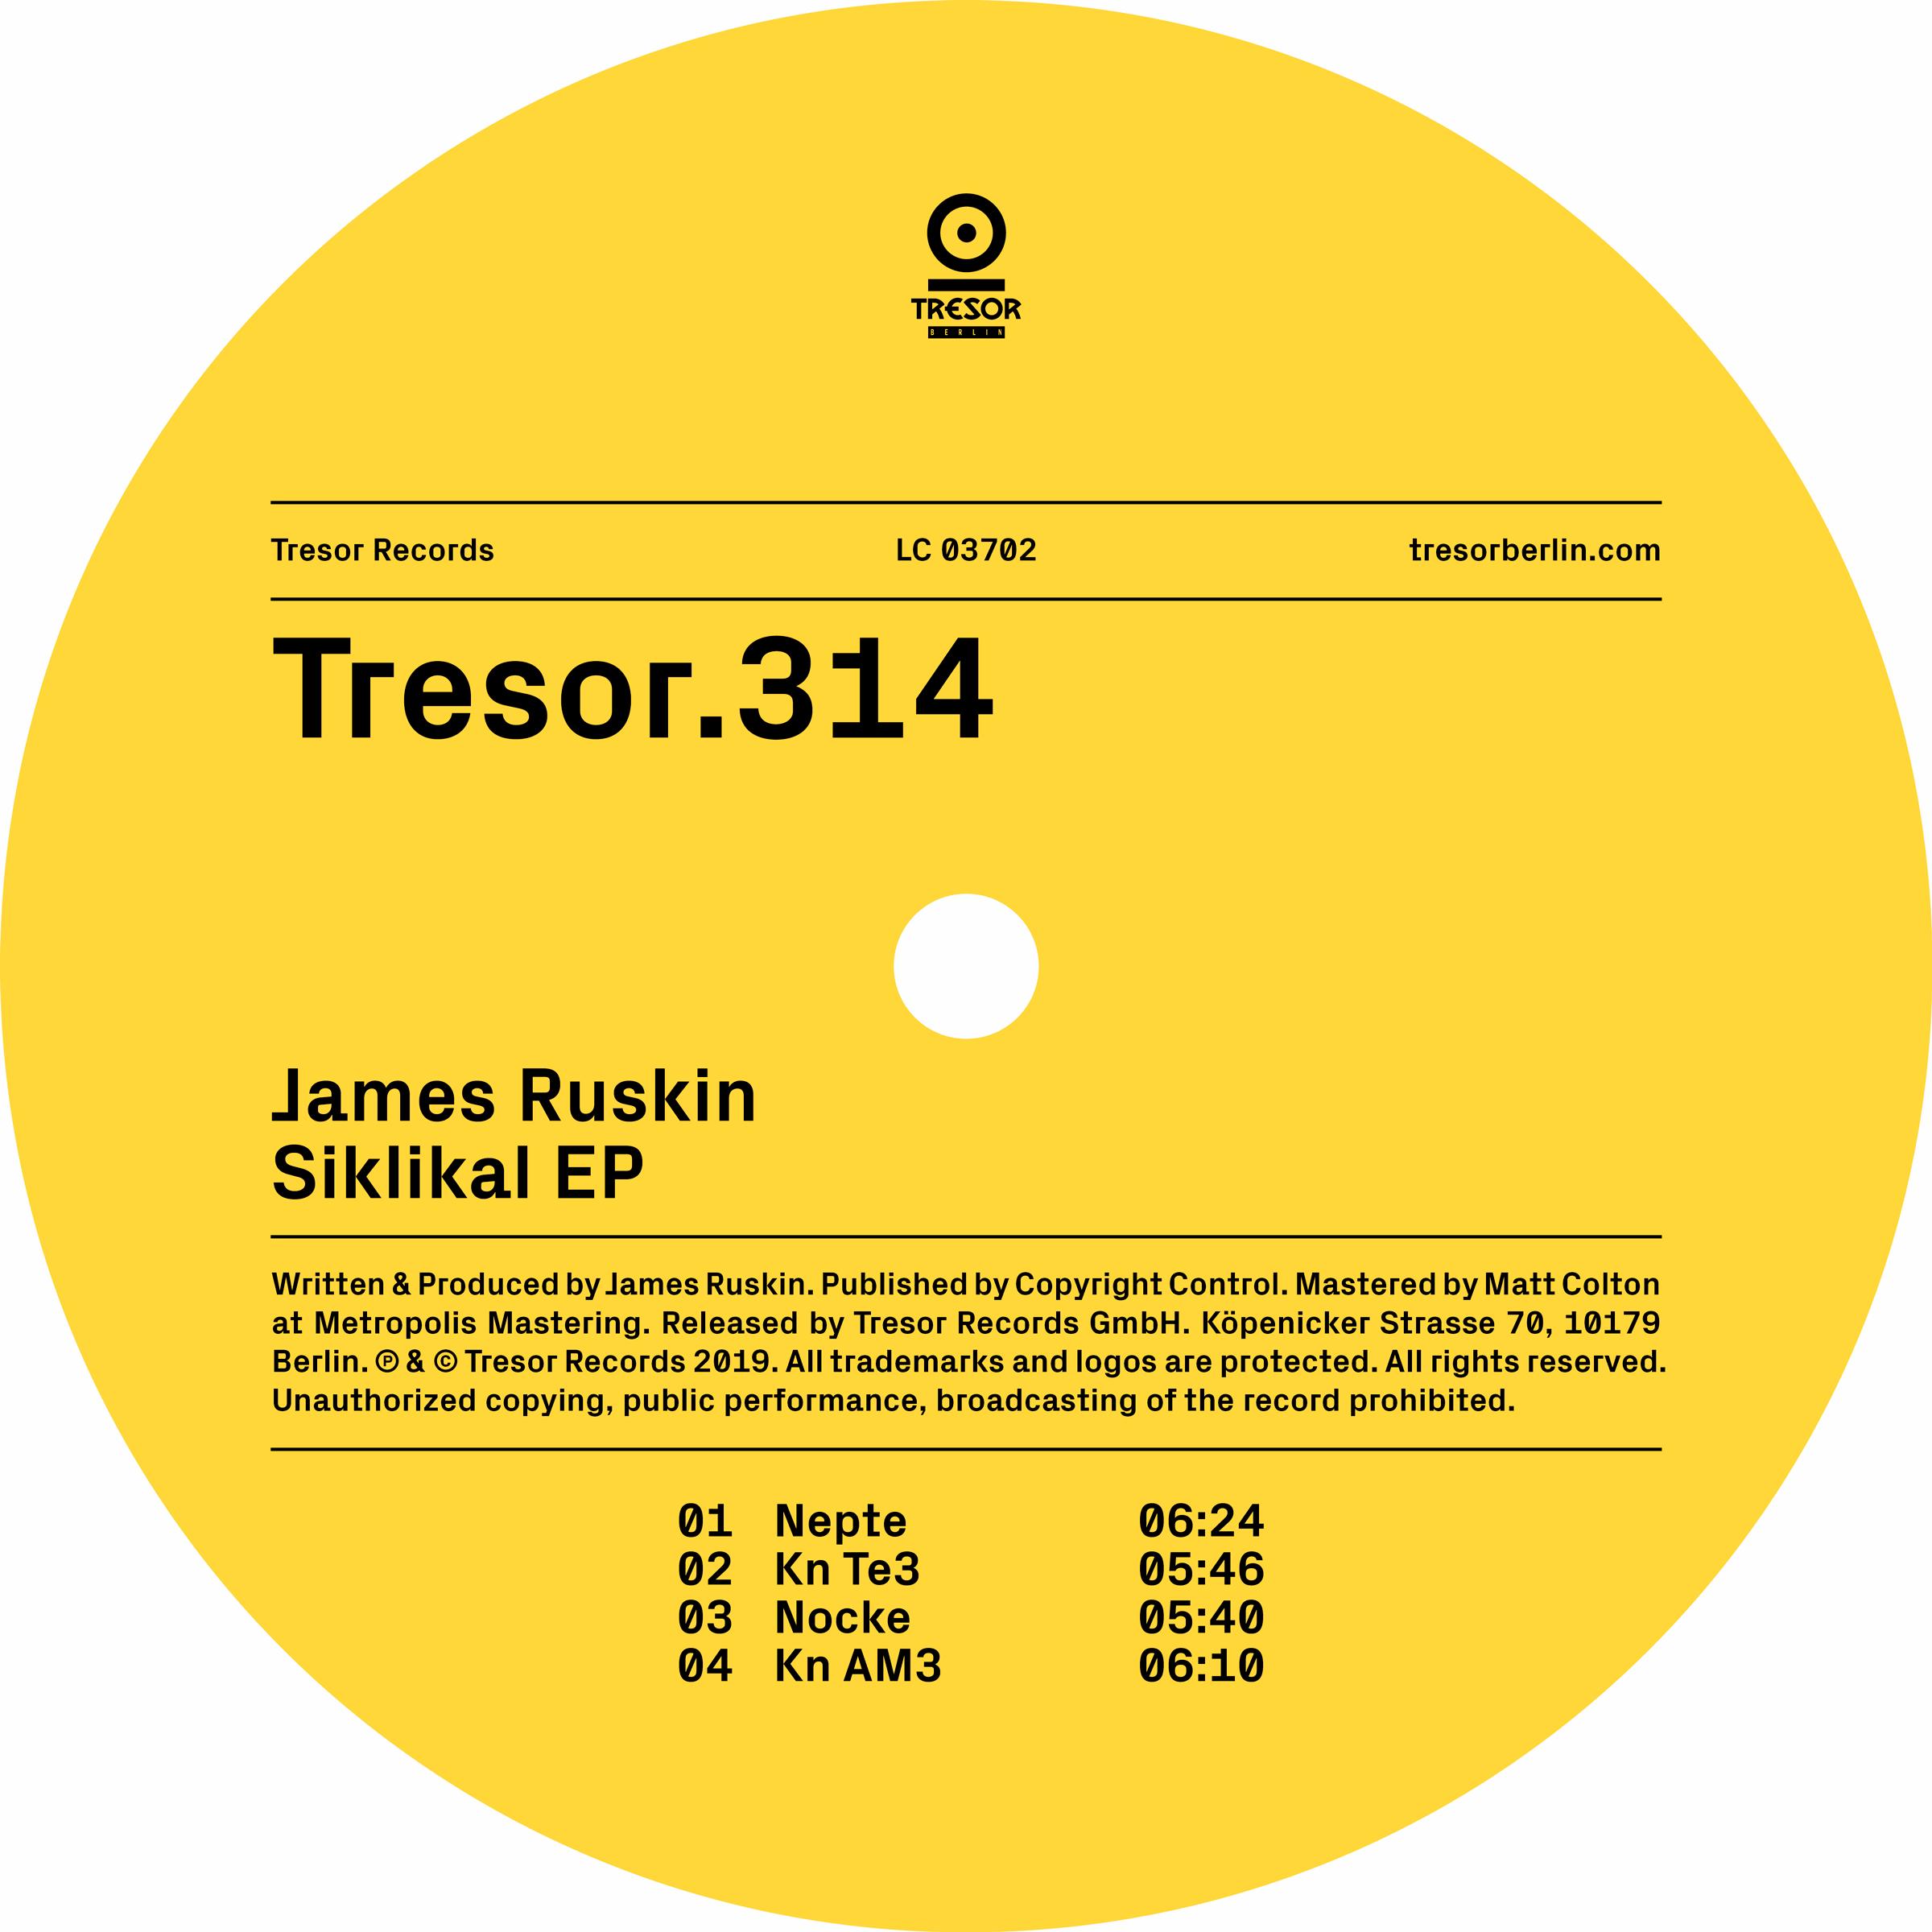 James Ruskin - Siklikal EP